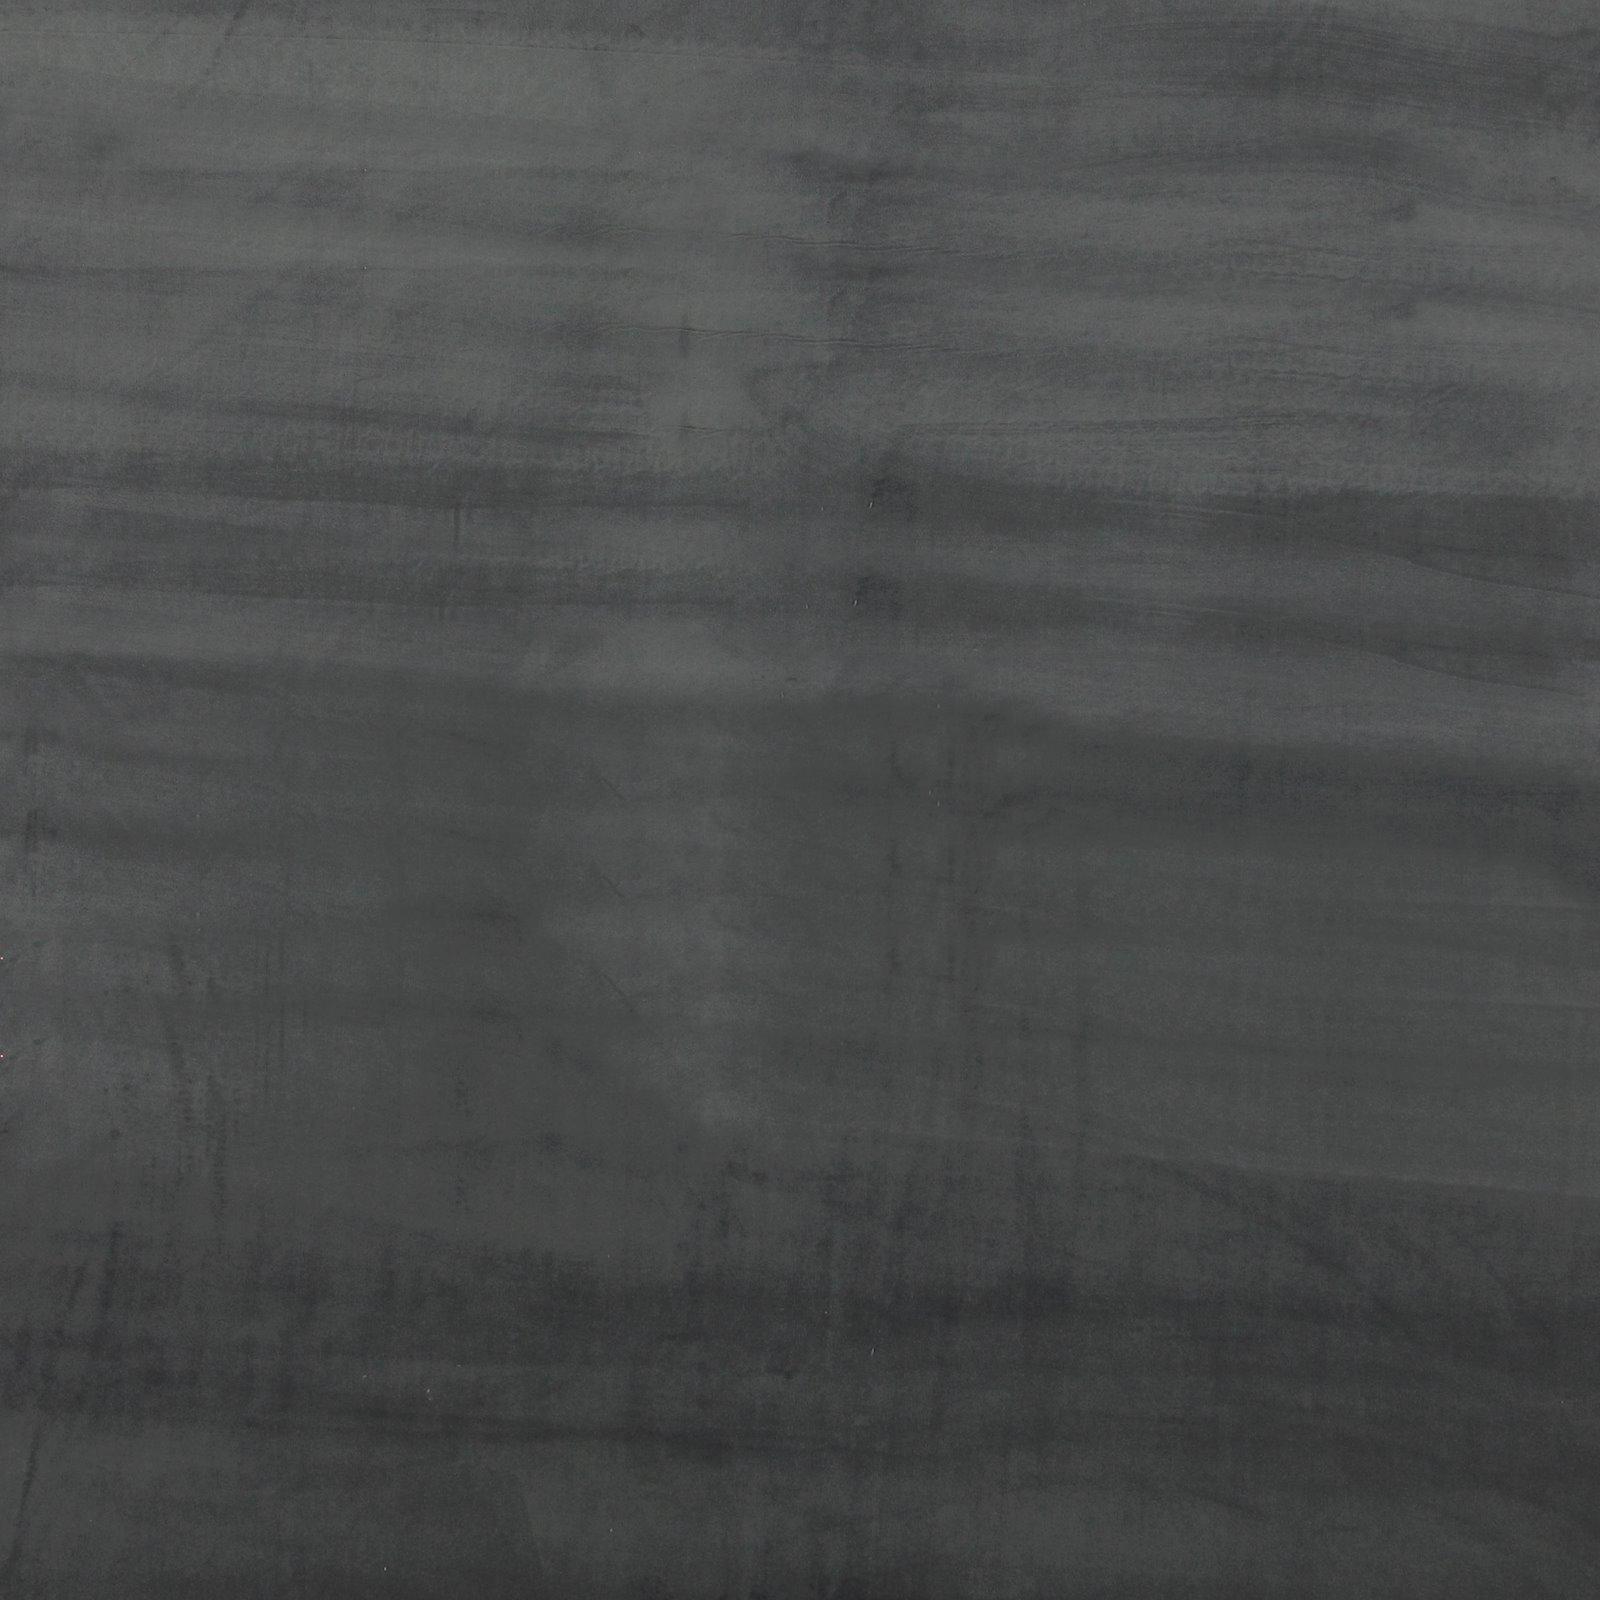 Upholstery shiny velvet grey 823721_pack_solid